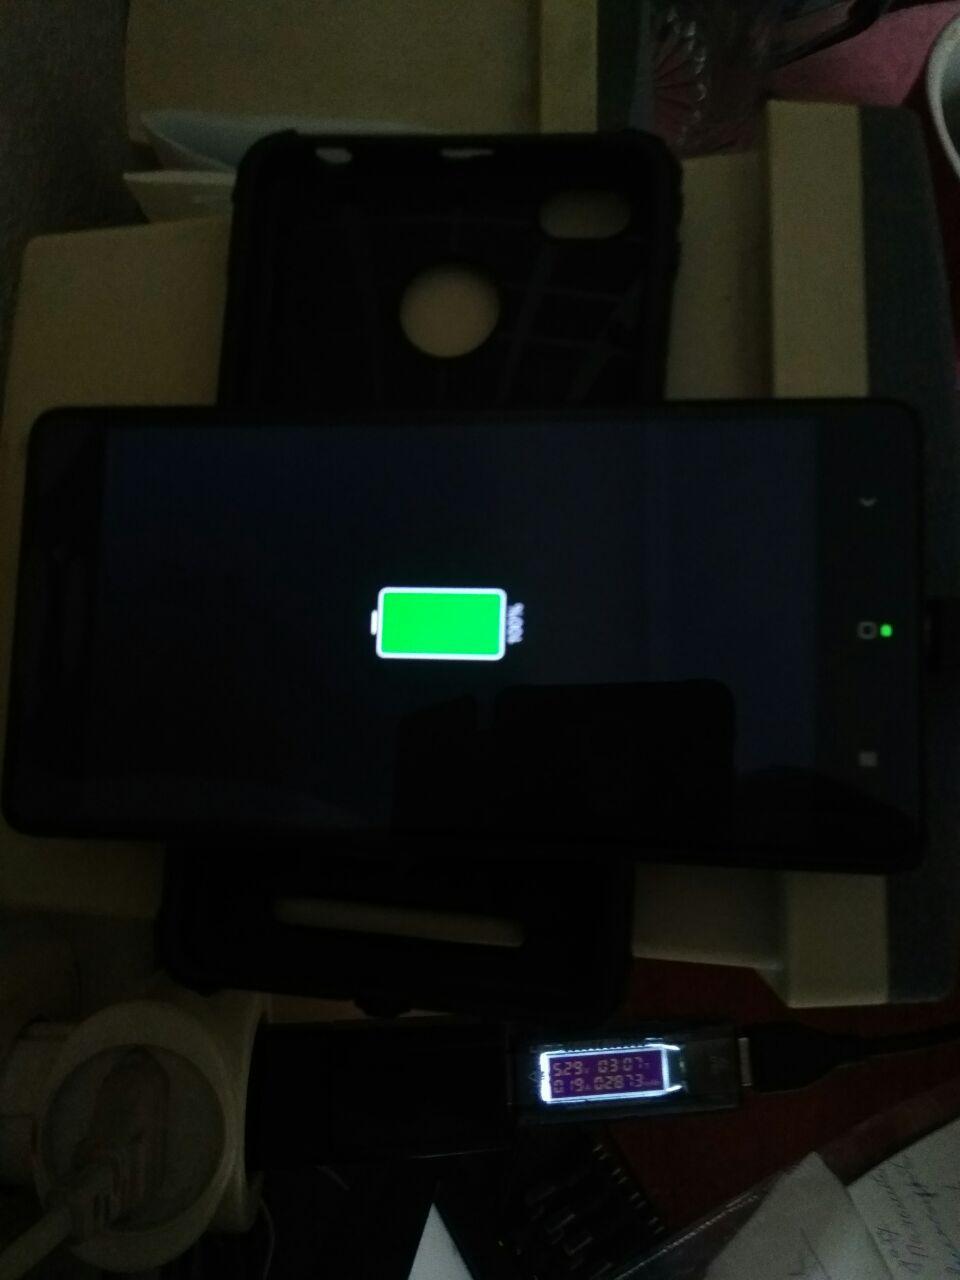 Батарея, заказанная на АлиЭкспресс